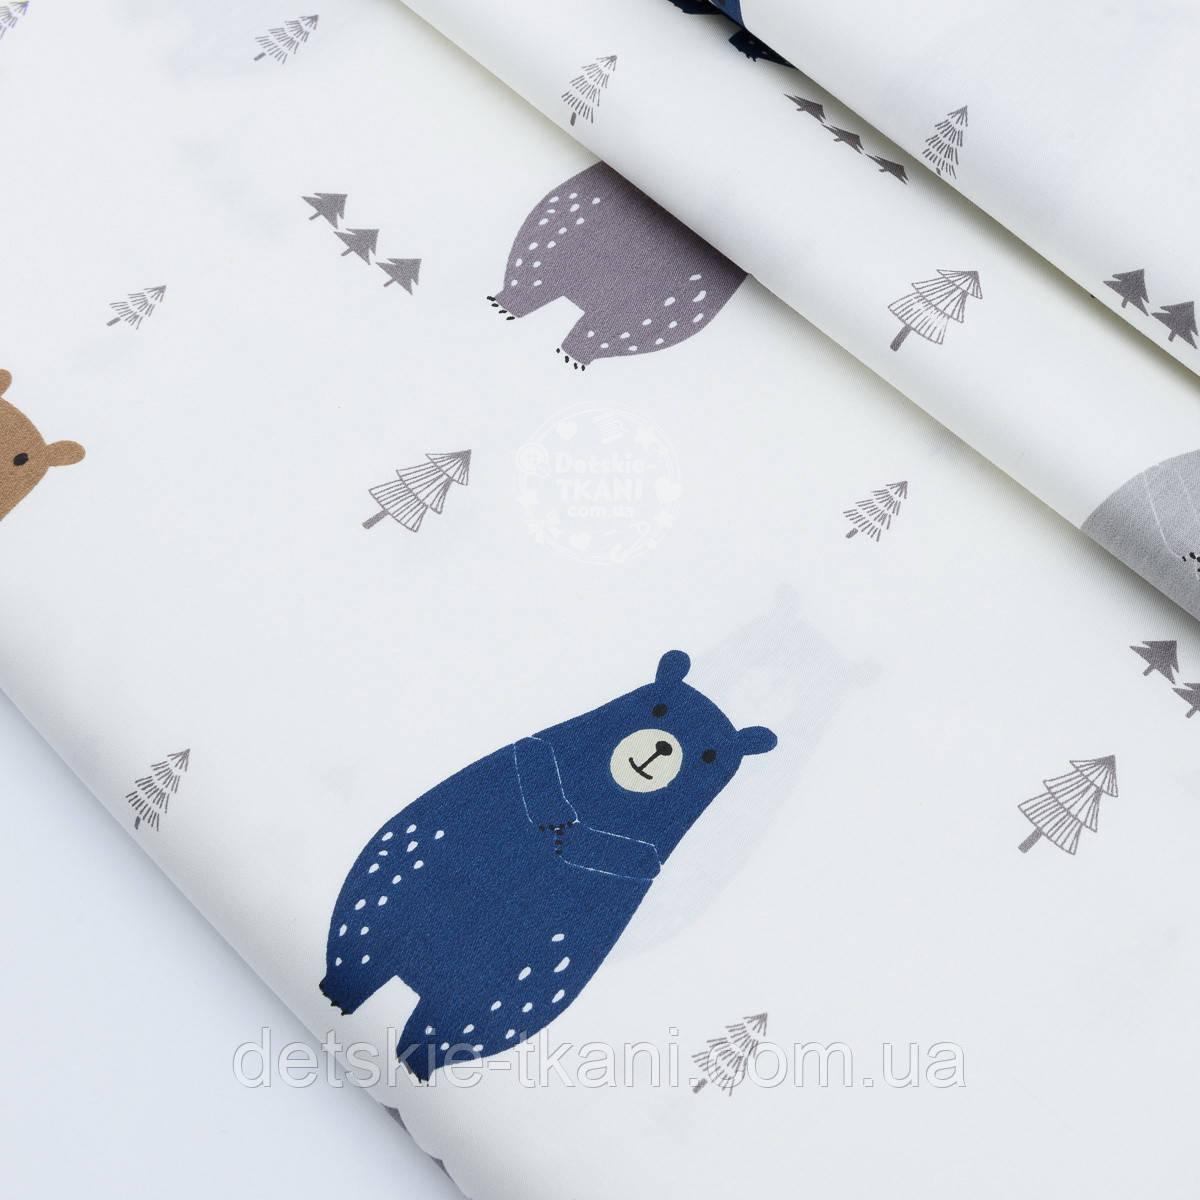 """Сатин ткань """"Высокие медведи в сосновом бору"""" серые, синие, коричневые на белом № 1779с"""